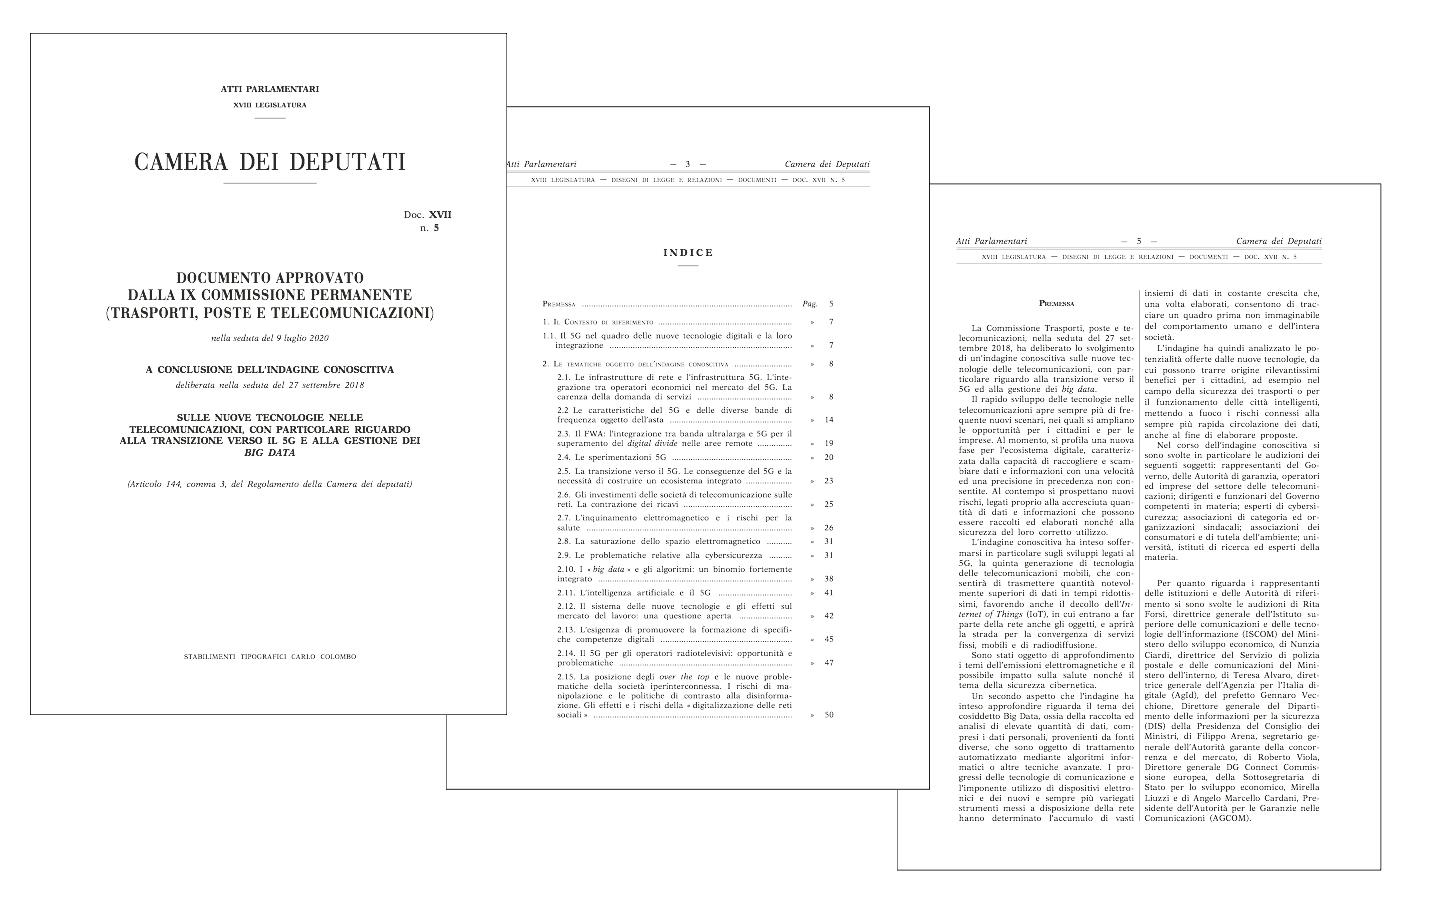 alcune pagine del documento conclusivo dell'indagine della Camera sul 5G